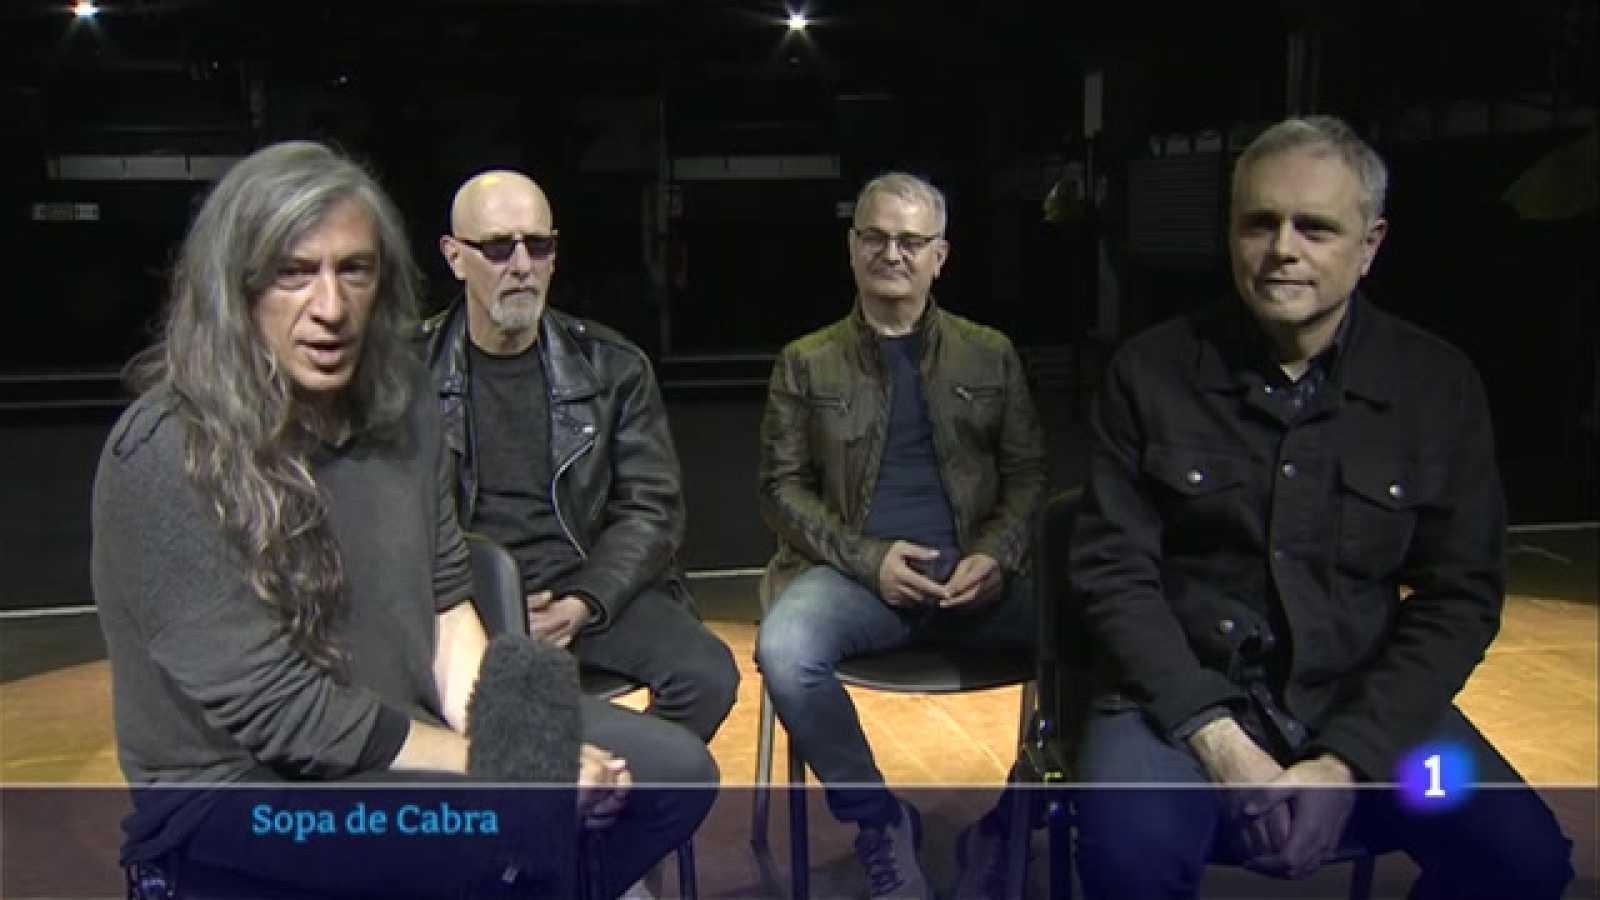 Sopa de Cabra celebra els 30 anys del disc més venut en català